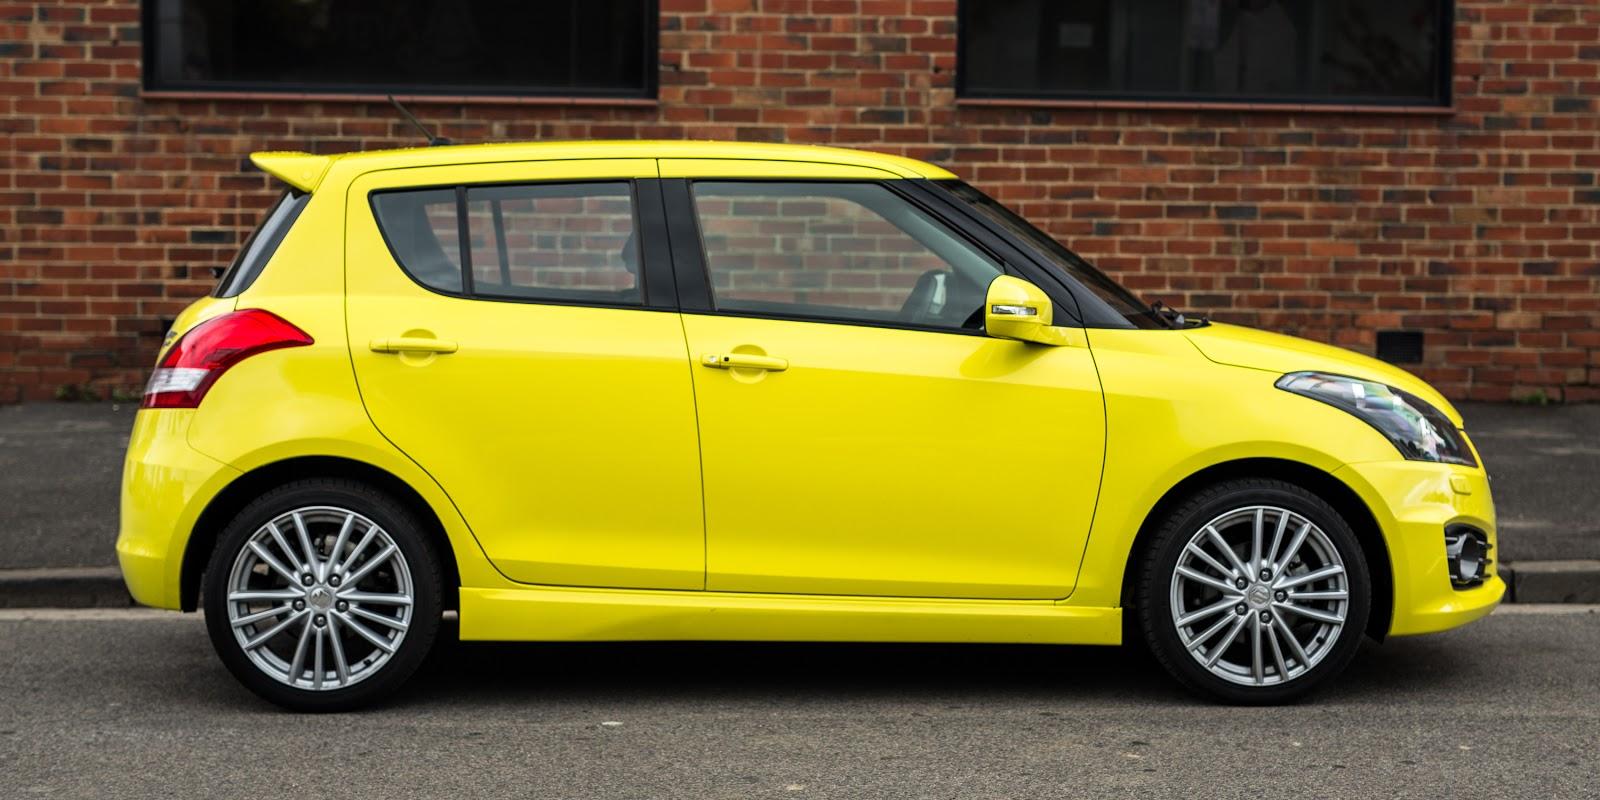 Suzuki Swift được khách hàng tin tưởng bởi sự rộng rãi, thực dụng và đa di năng